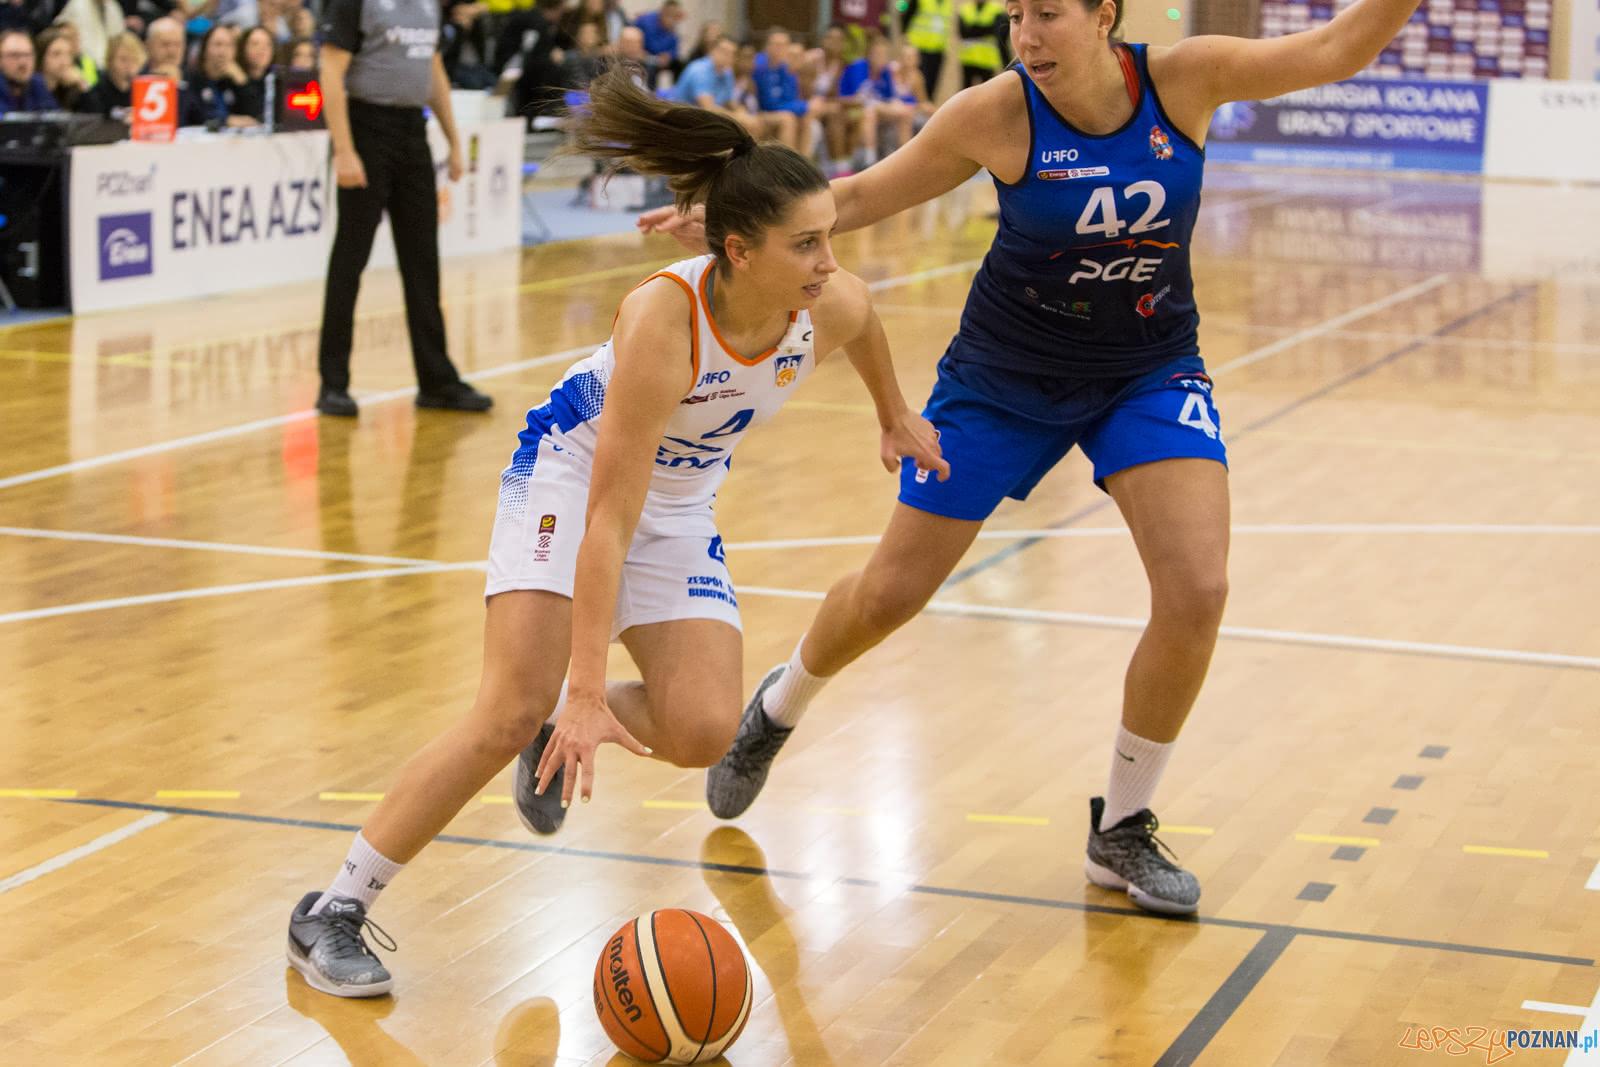 Basket Liga Kobiet: Enea AZS Poznań - PGE MKK Siedlce 85:88 - 0  Foto: LepszyPOZNAN.pl / Paweł Rychter